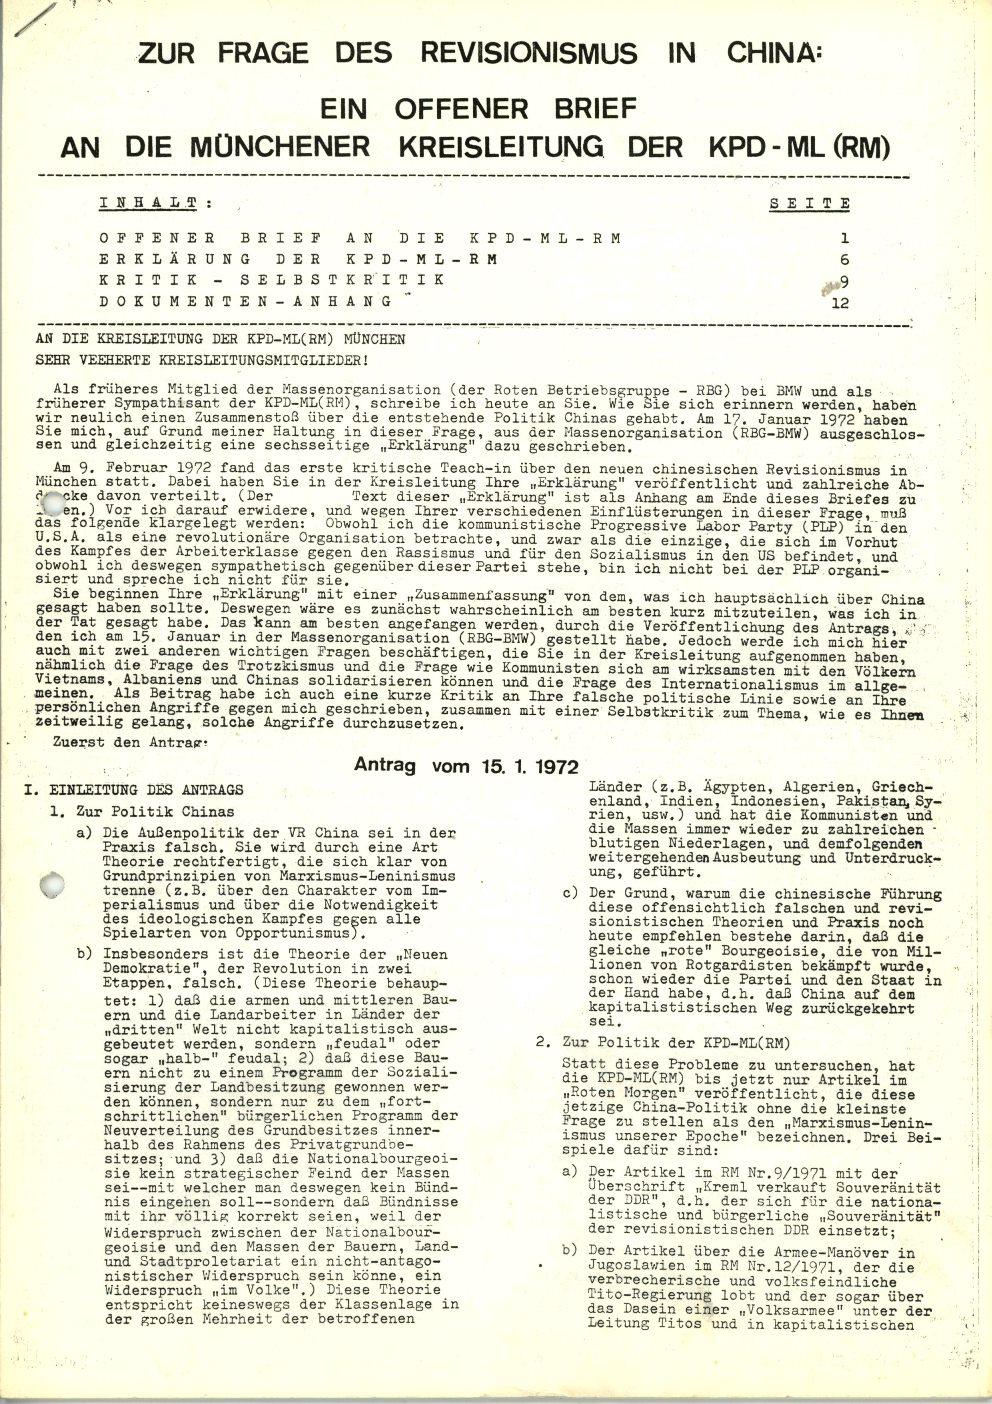 Muenchen_1972_Offener_Brief_an_die_KPDML_01